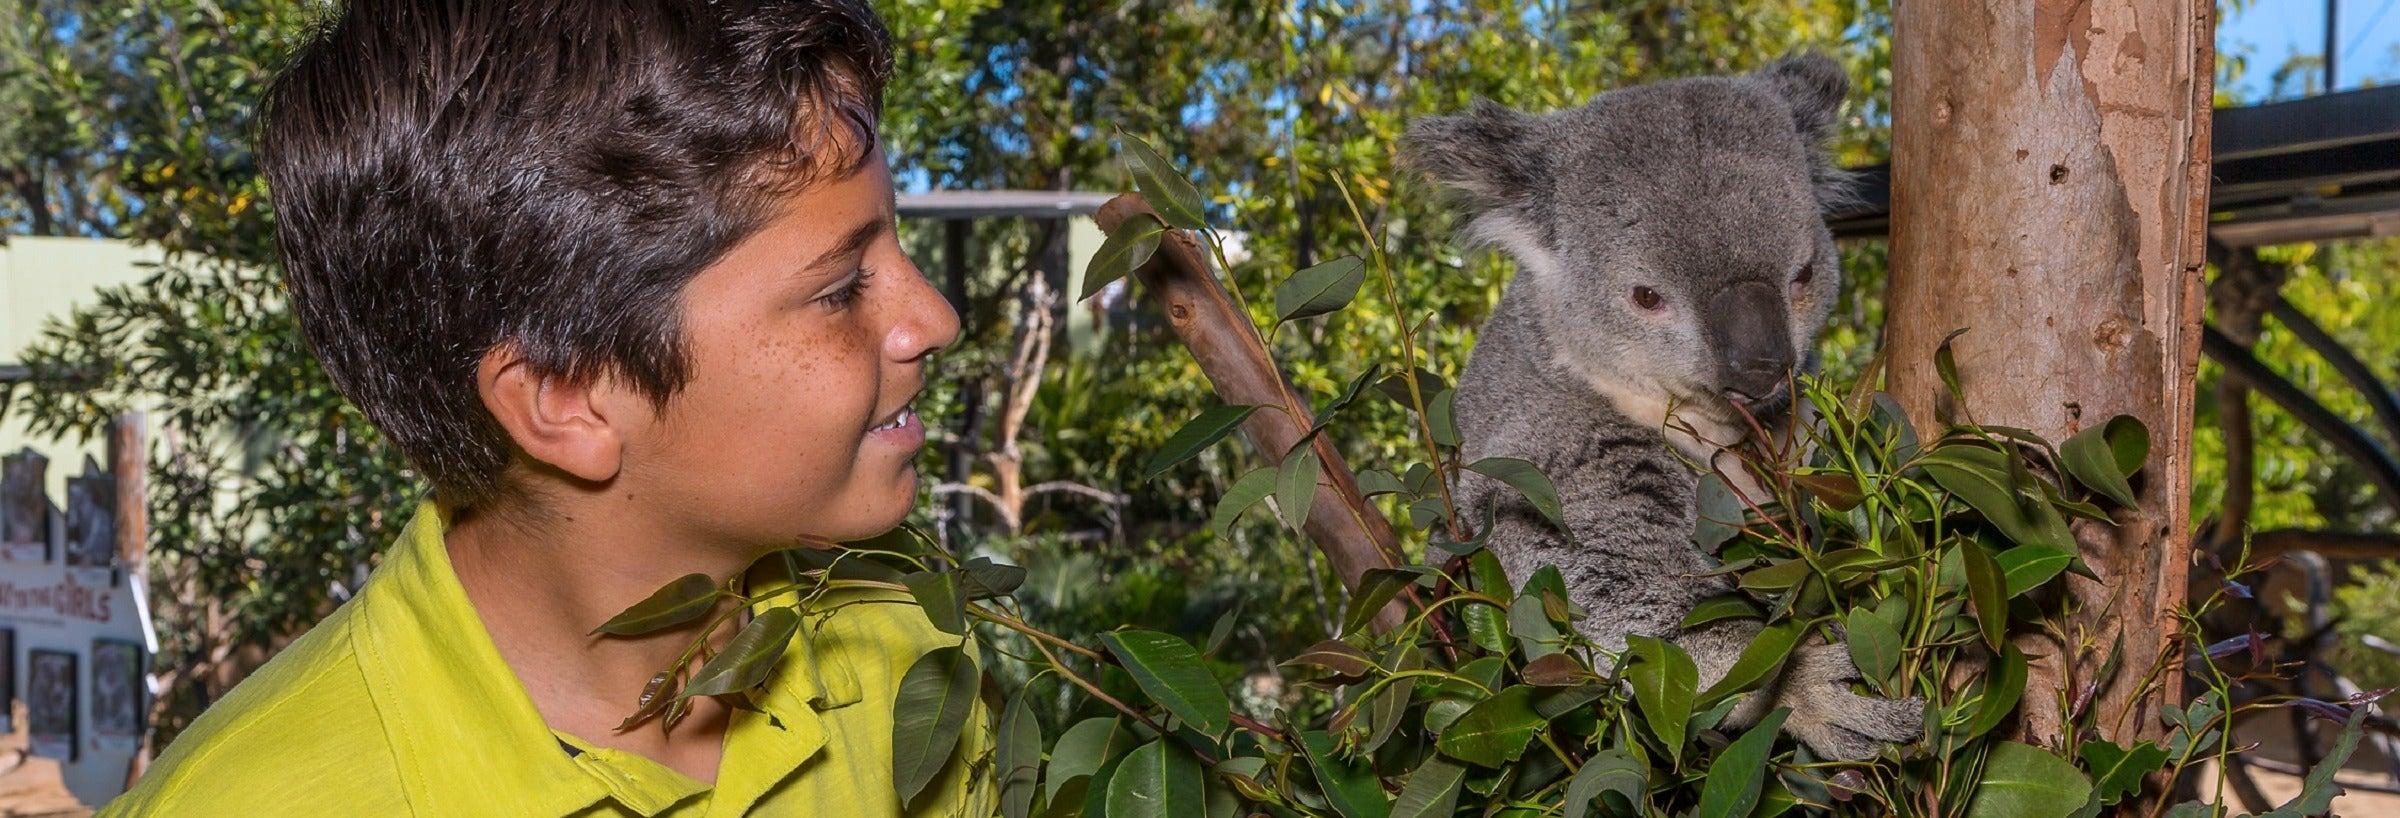 Ingresso do San Diego Zoo